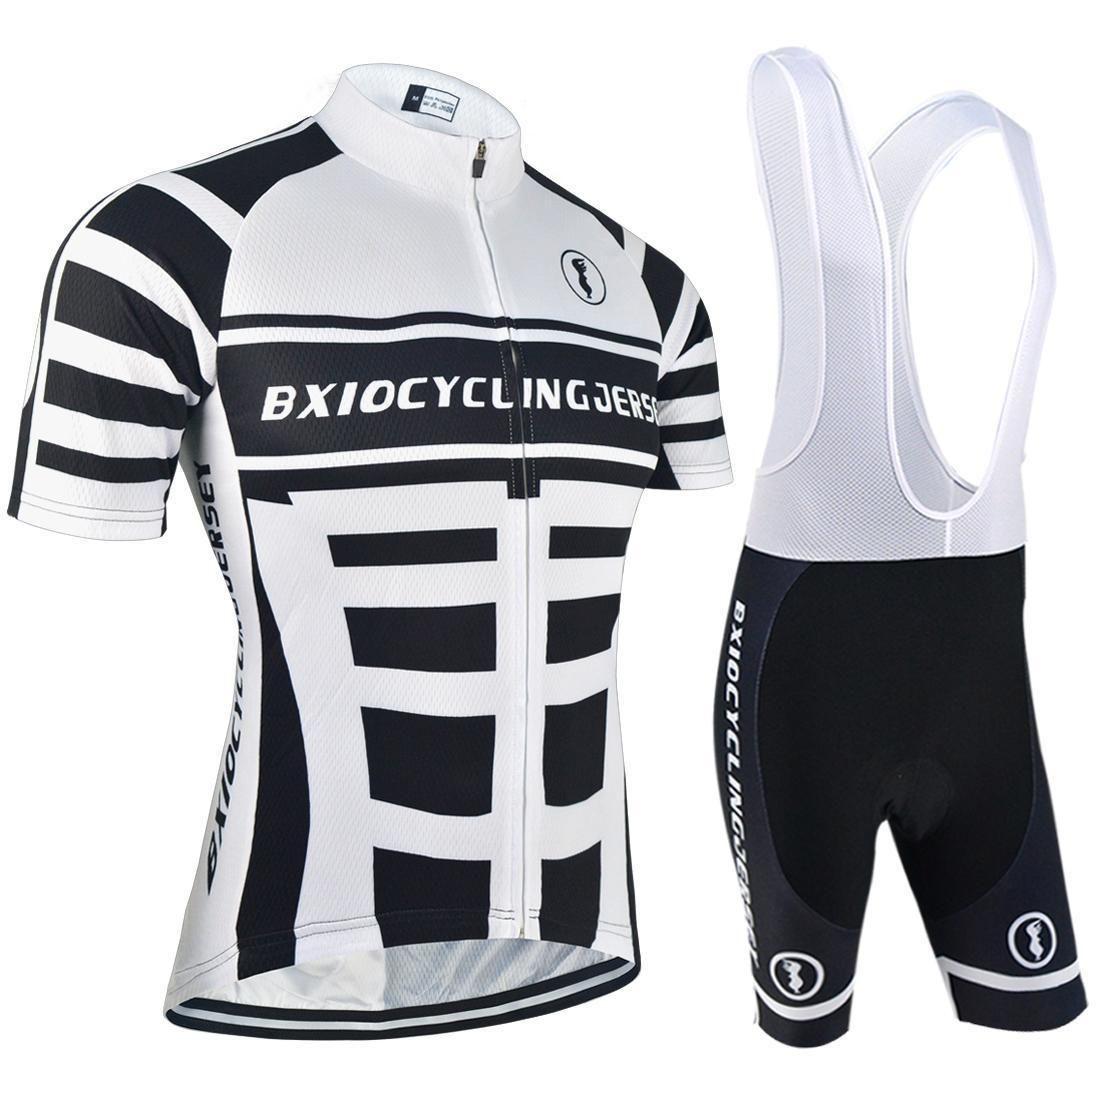 2020 Bxio Maillots Enfriar conjuntos de Hombre Ropa de ciclo para el ciclista de manga corta Lycra Ciclo de ropa de verano Cycling Apparel Kits Bx -002